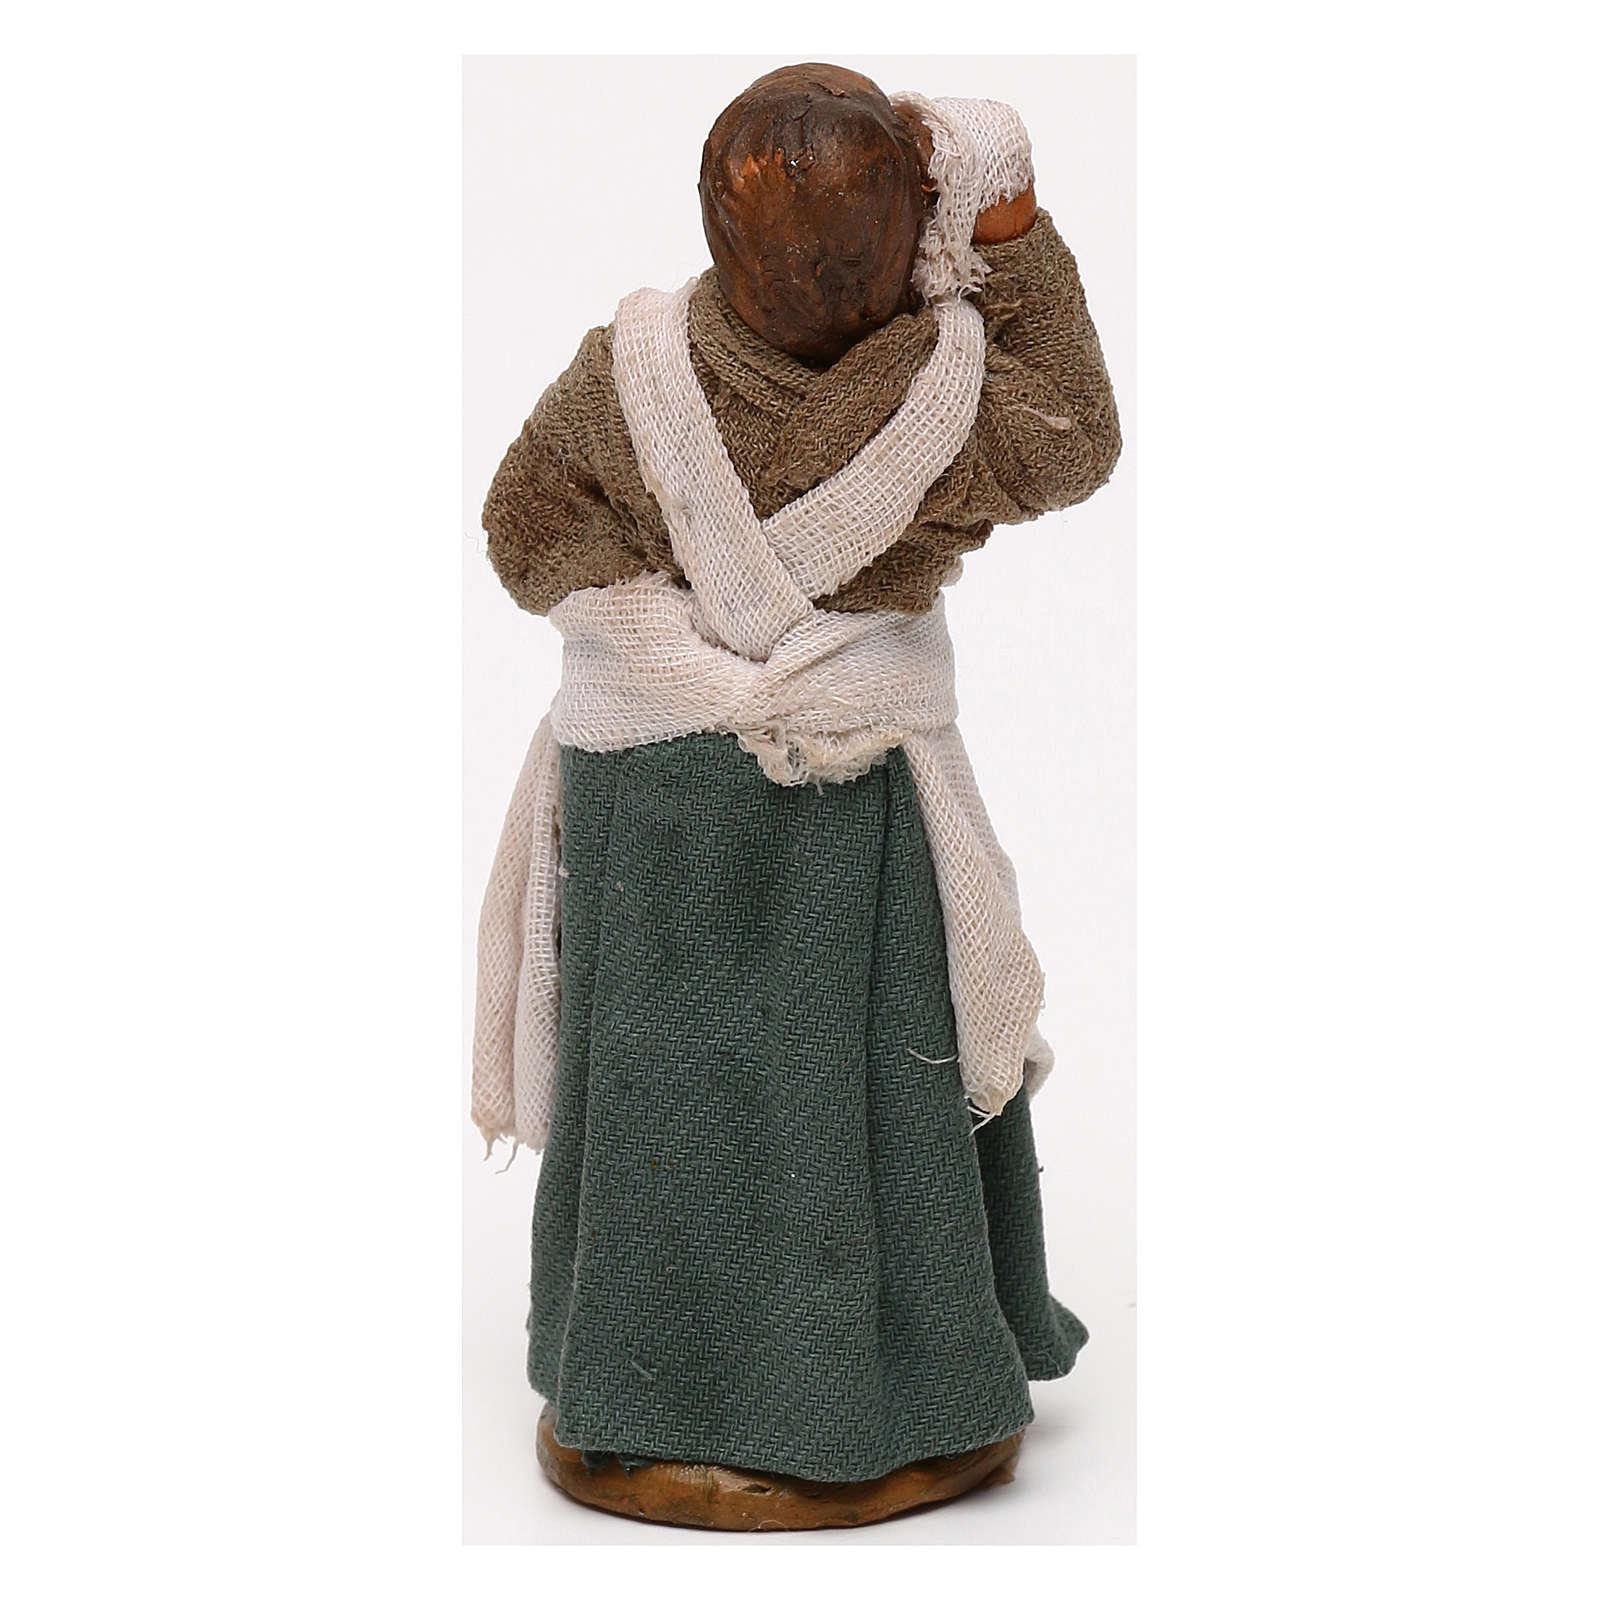 Donna mano in fronte presepe napoletano 10 cm 4